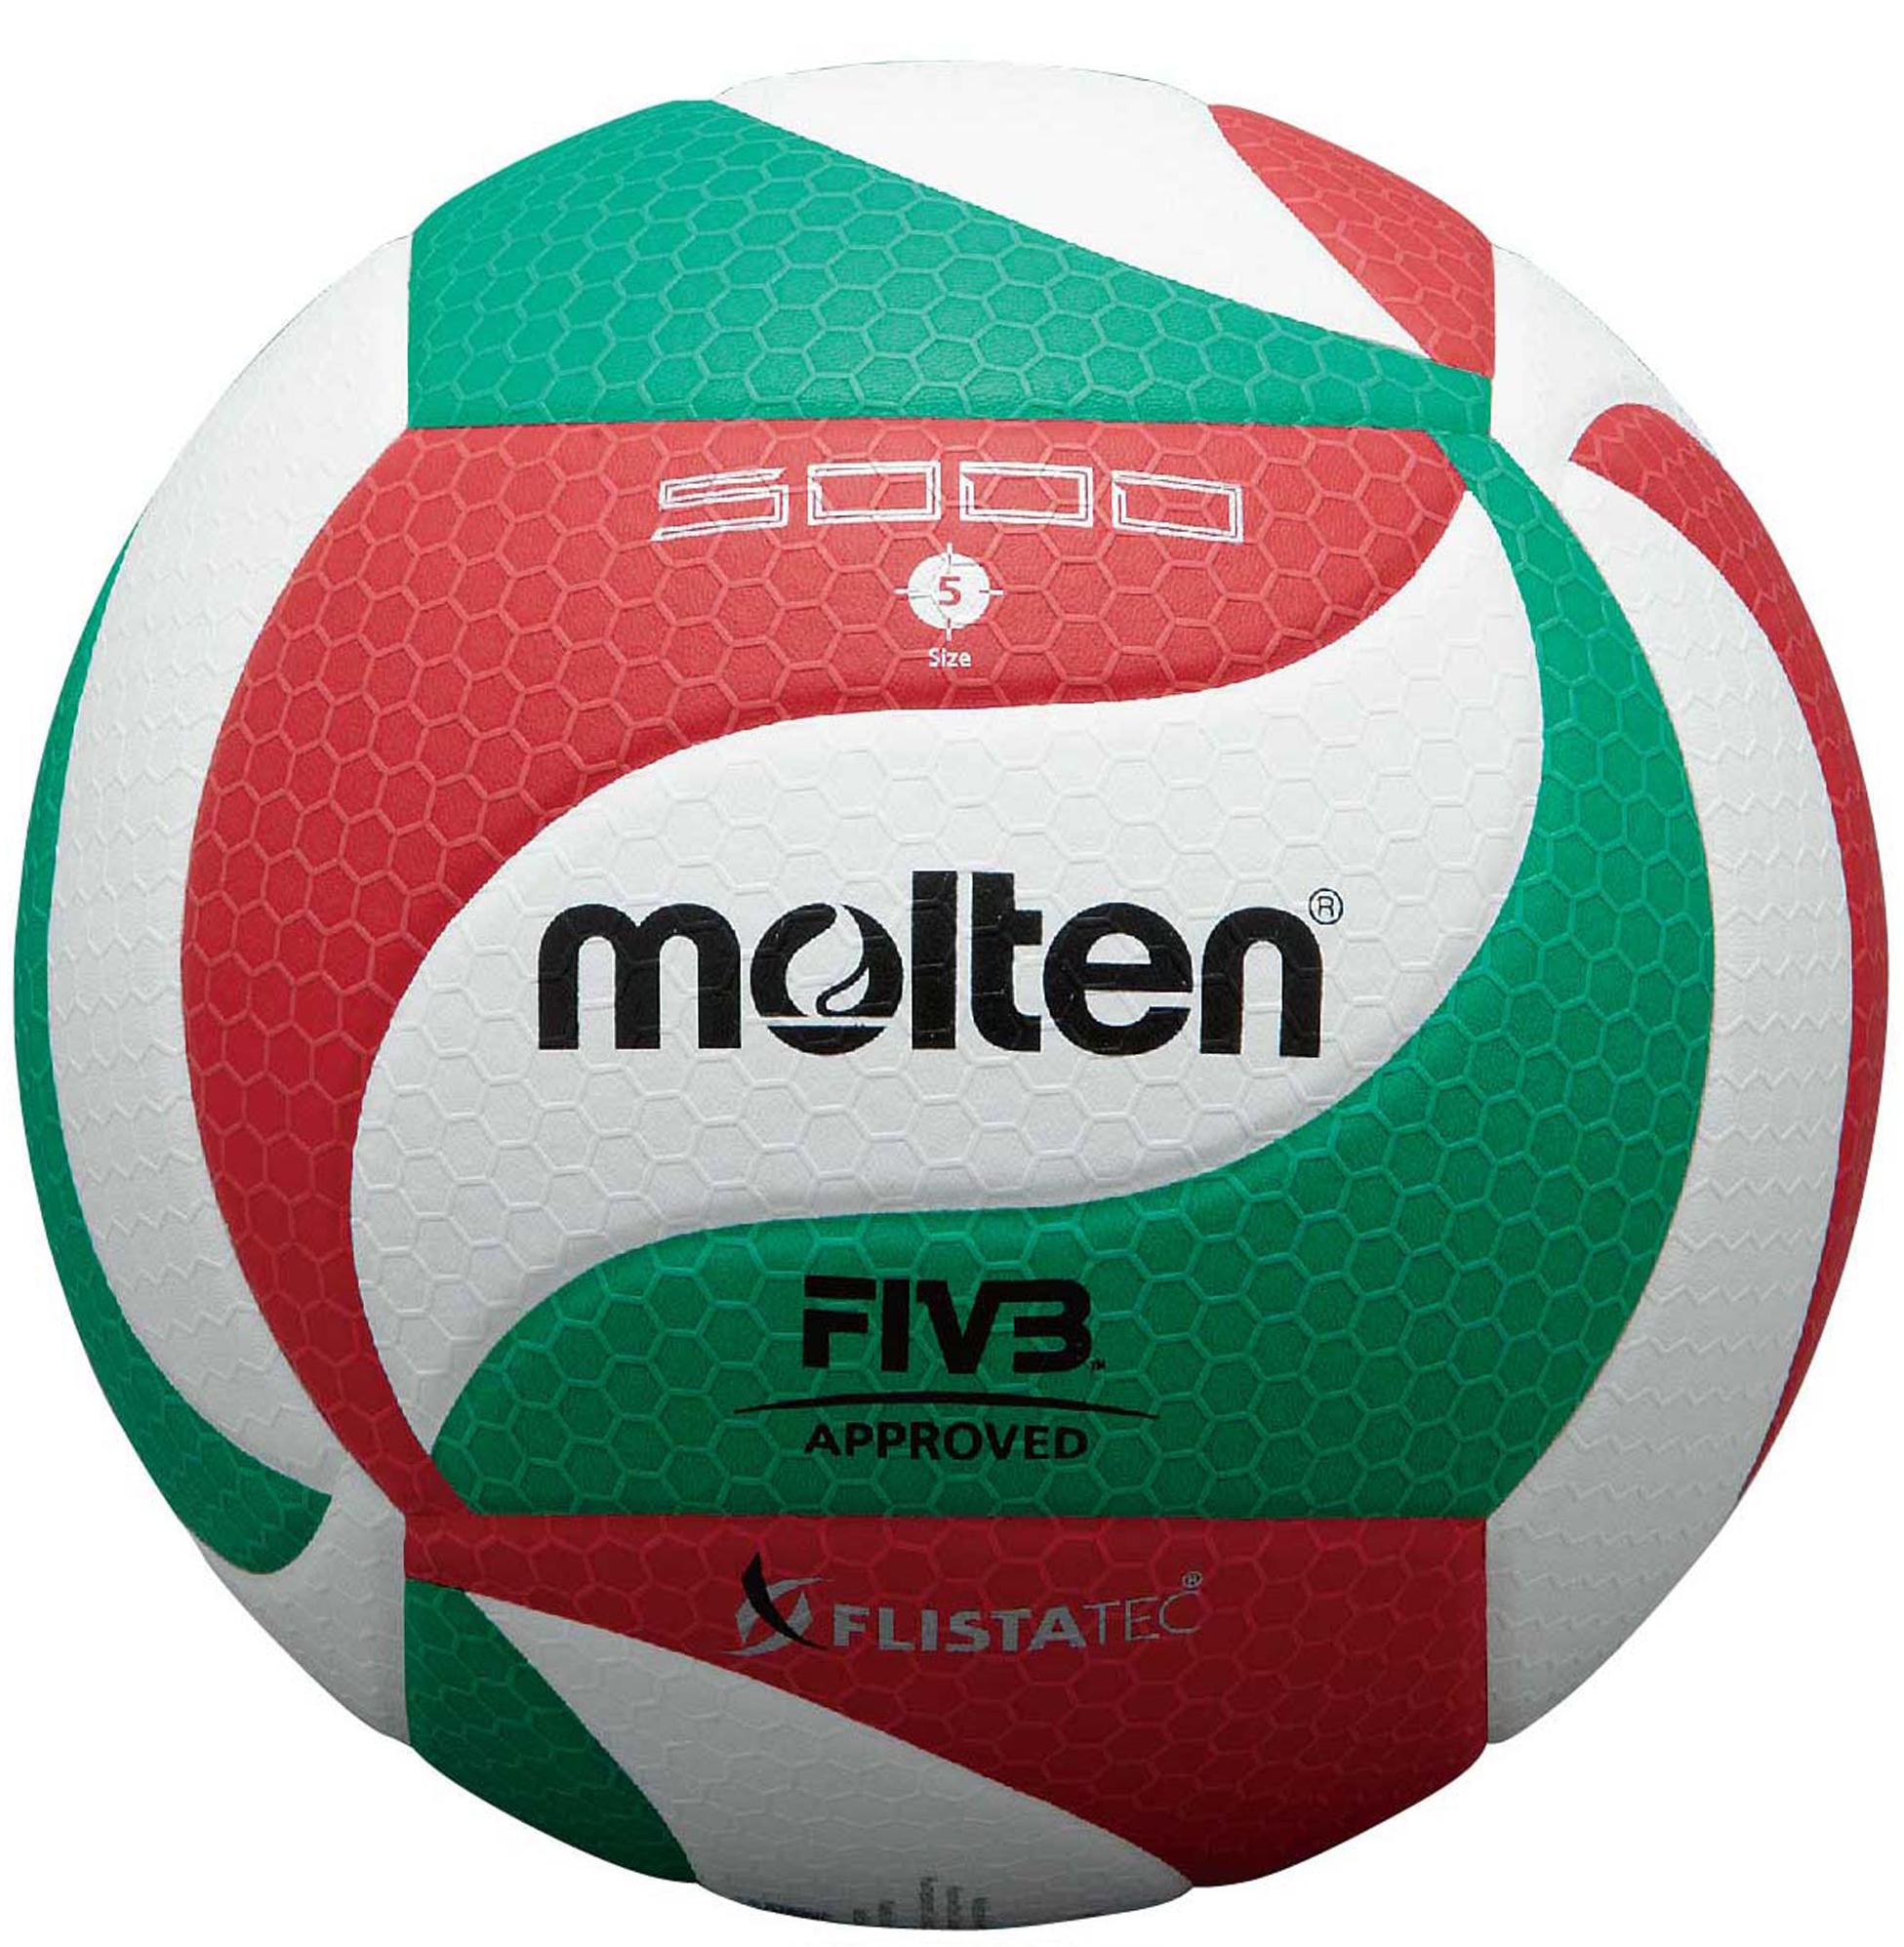 Molten Мяч волейбольный Molten, размер 5